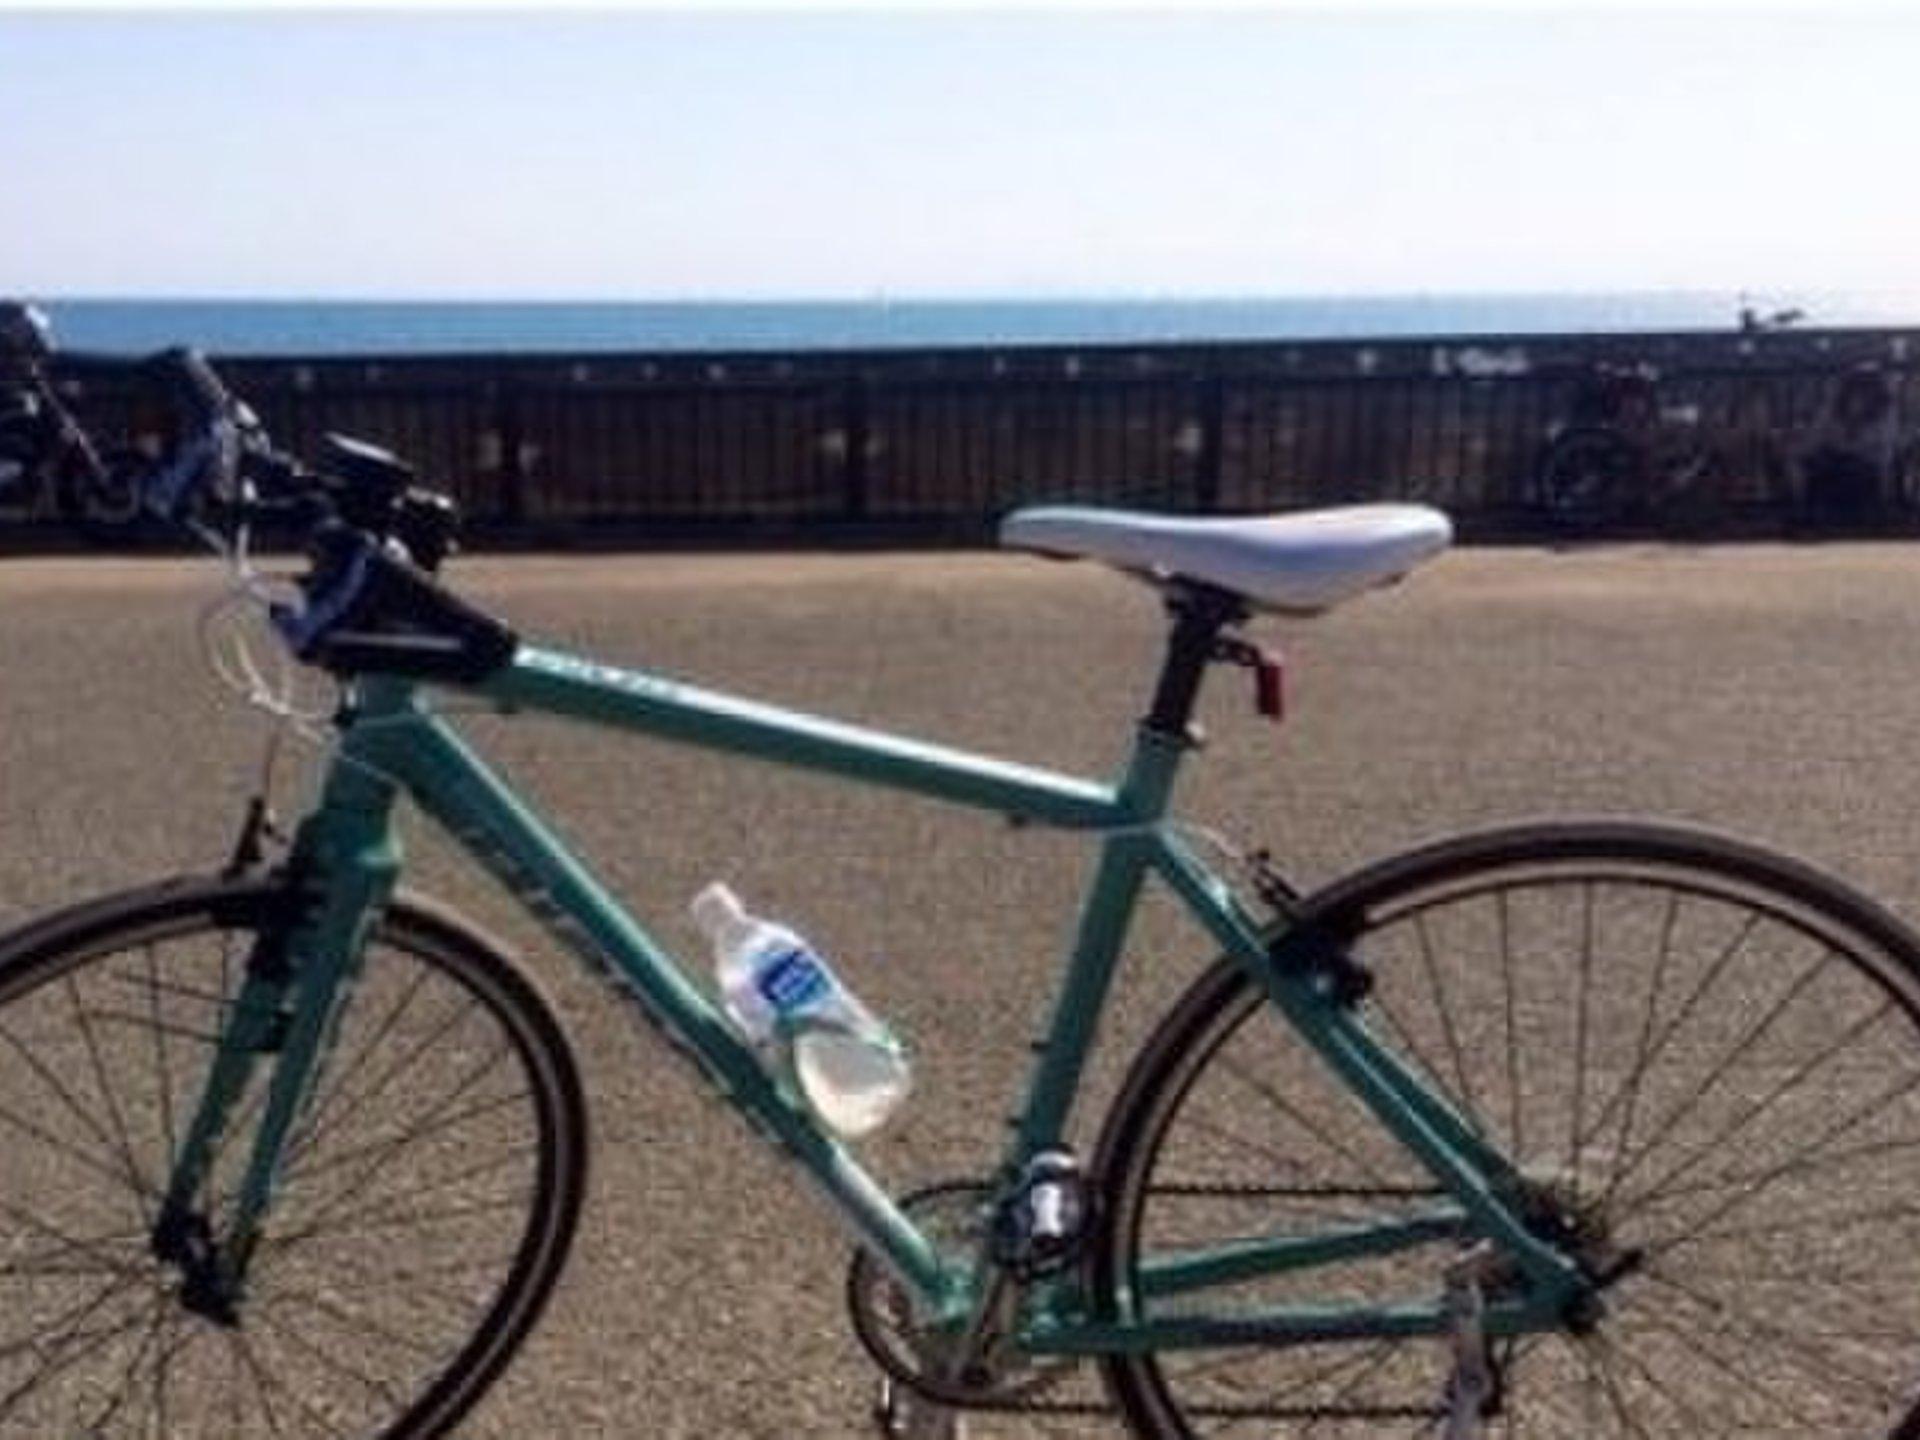 [스포츠 가을 도쿄 · 요코하마 공원에서 자전거 데이트] 인기 추천 명소 5 선! 단풍도 즐길 ♡